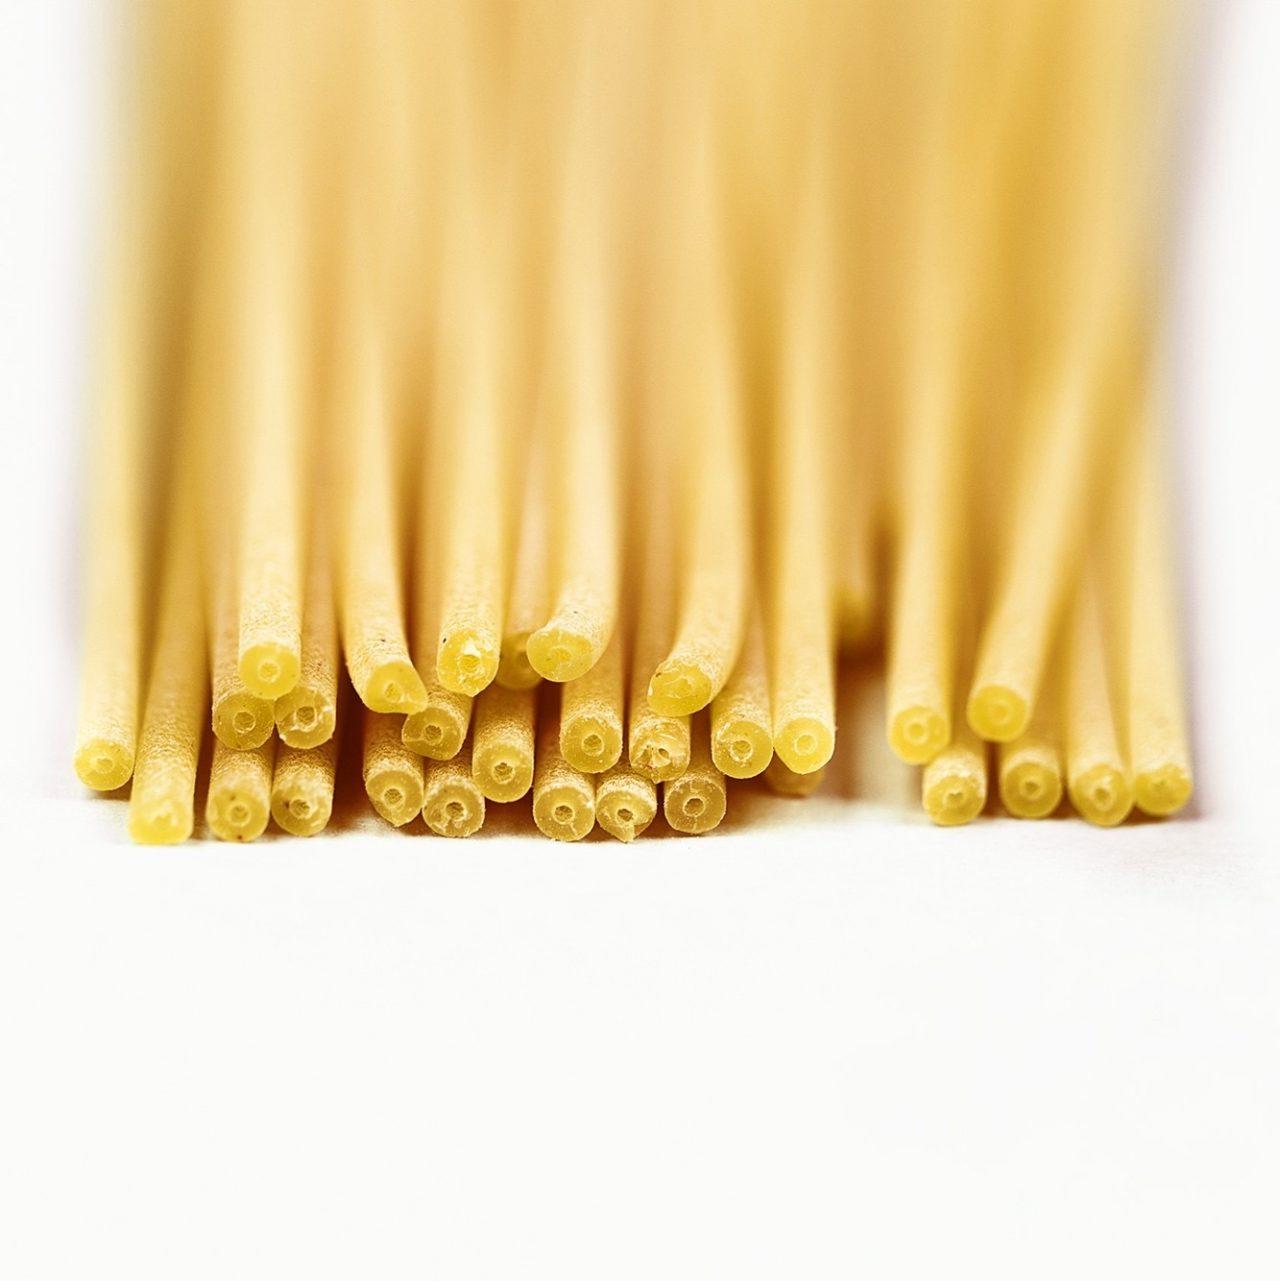 Bucatini, spaghetti con il buco in mezzo